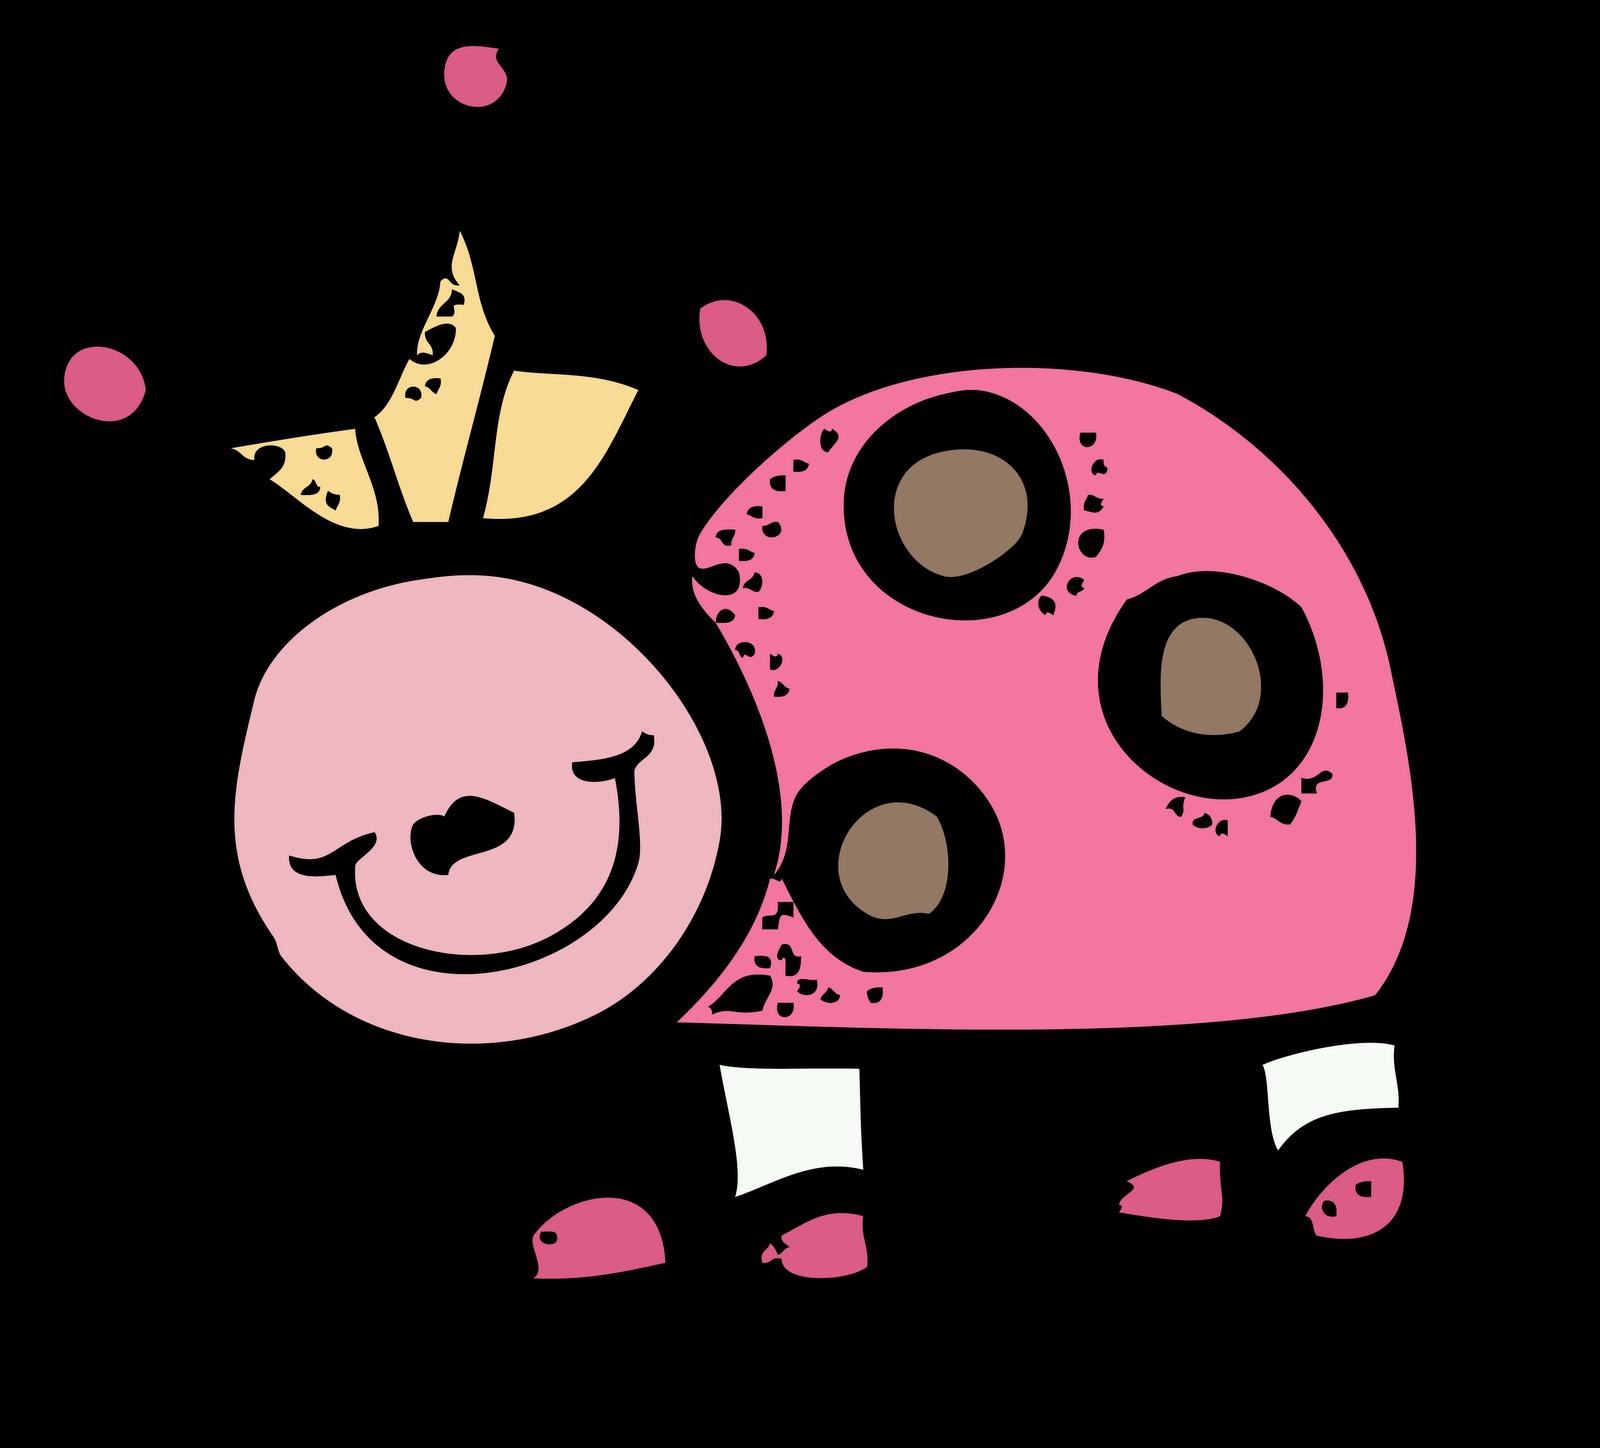 February melonheadz. Ladybuggy